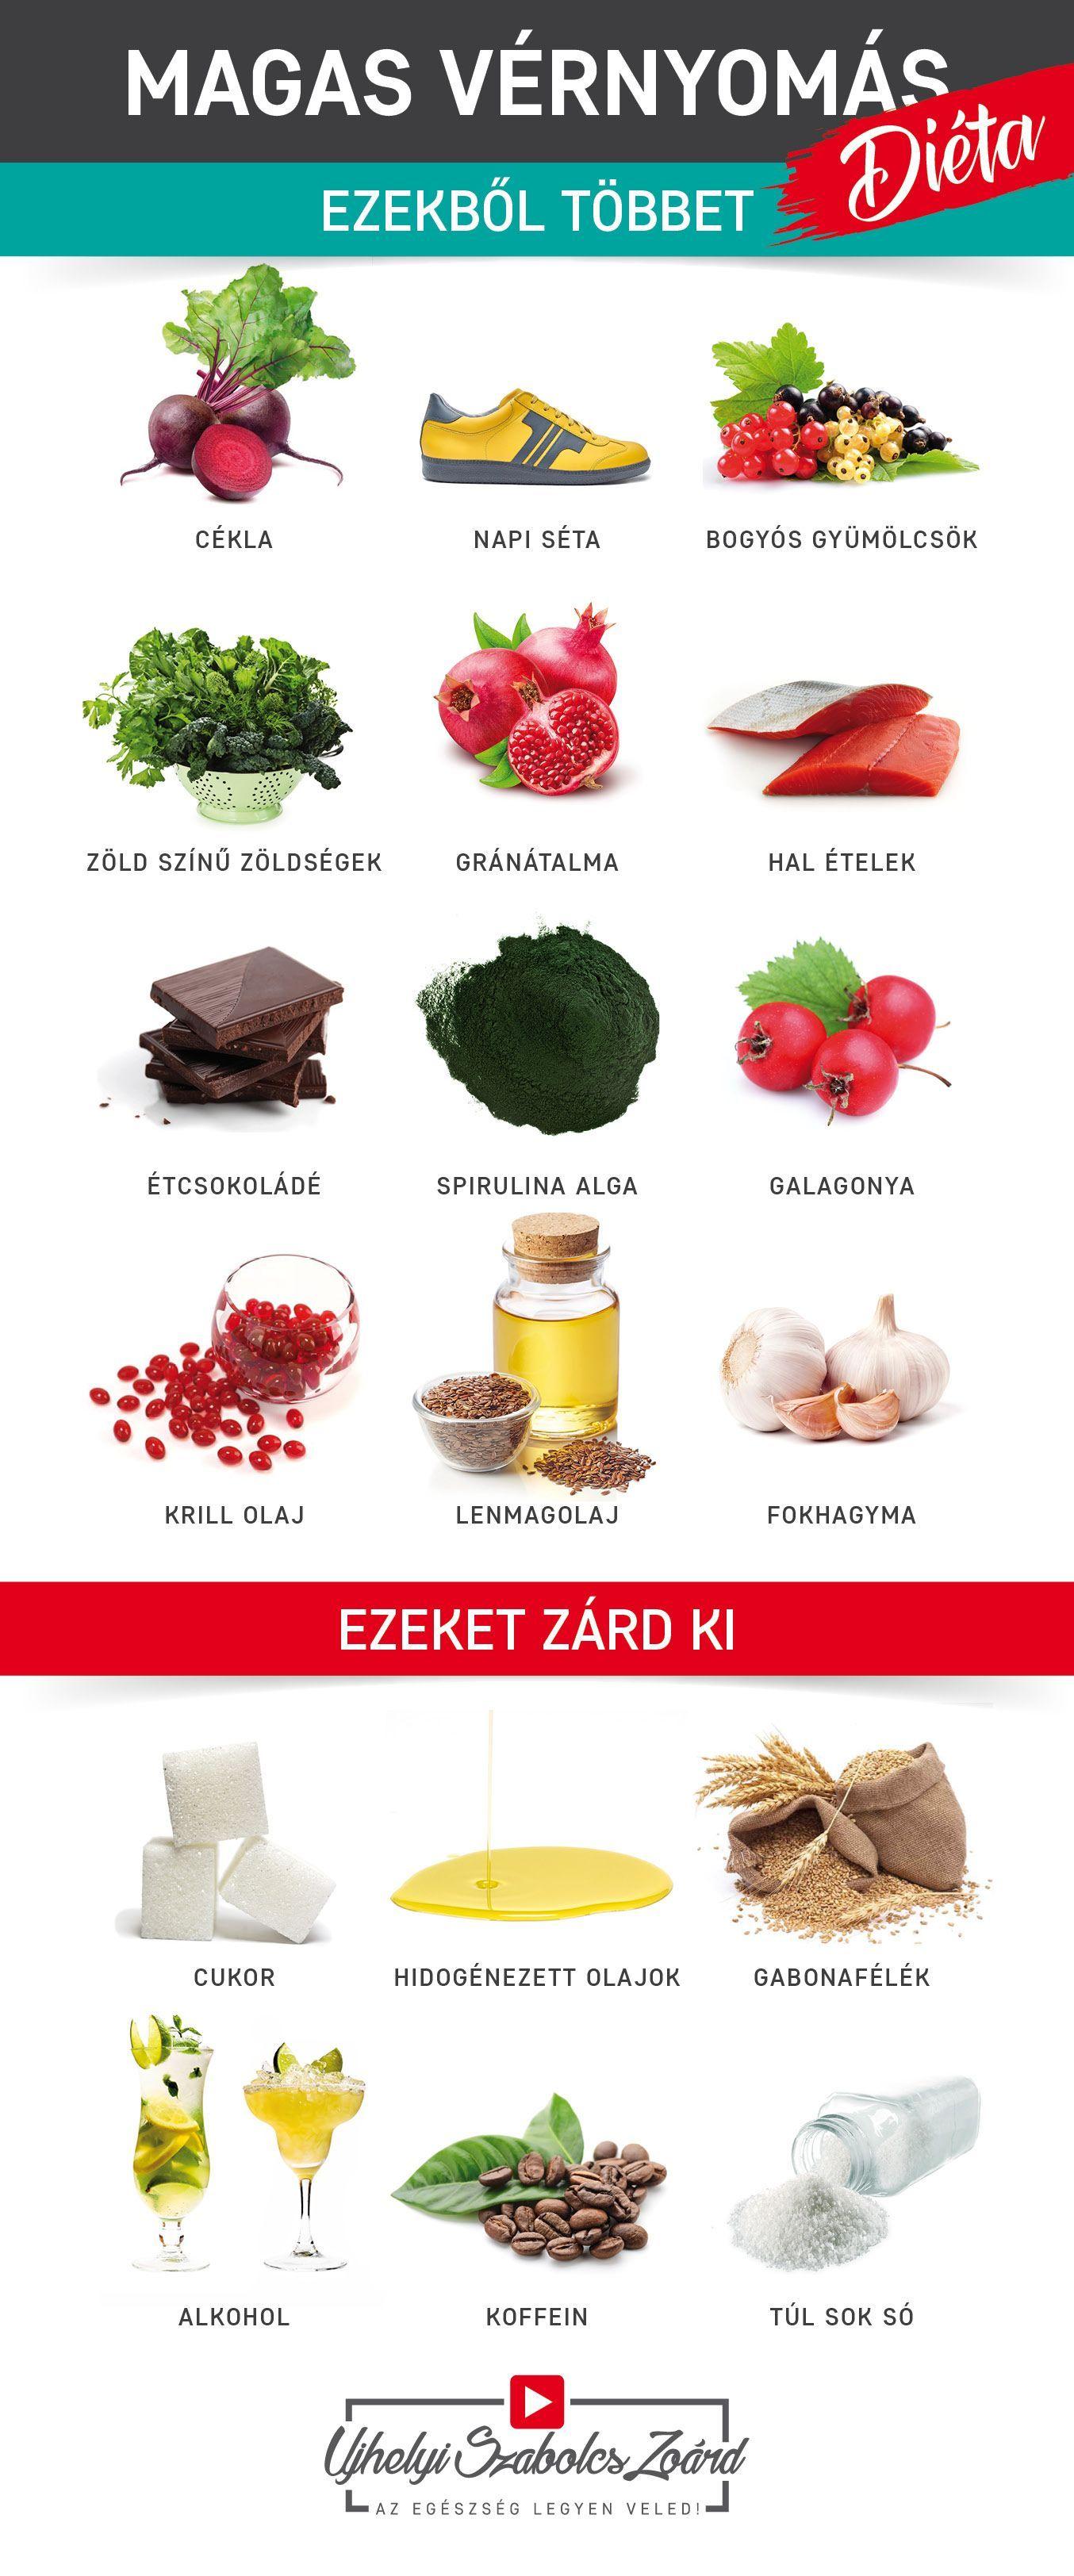 magas vérnyomás kerülendő ételek magas vérnyomás program